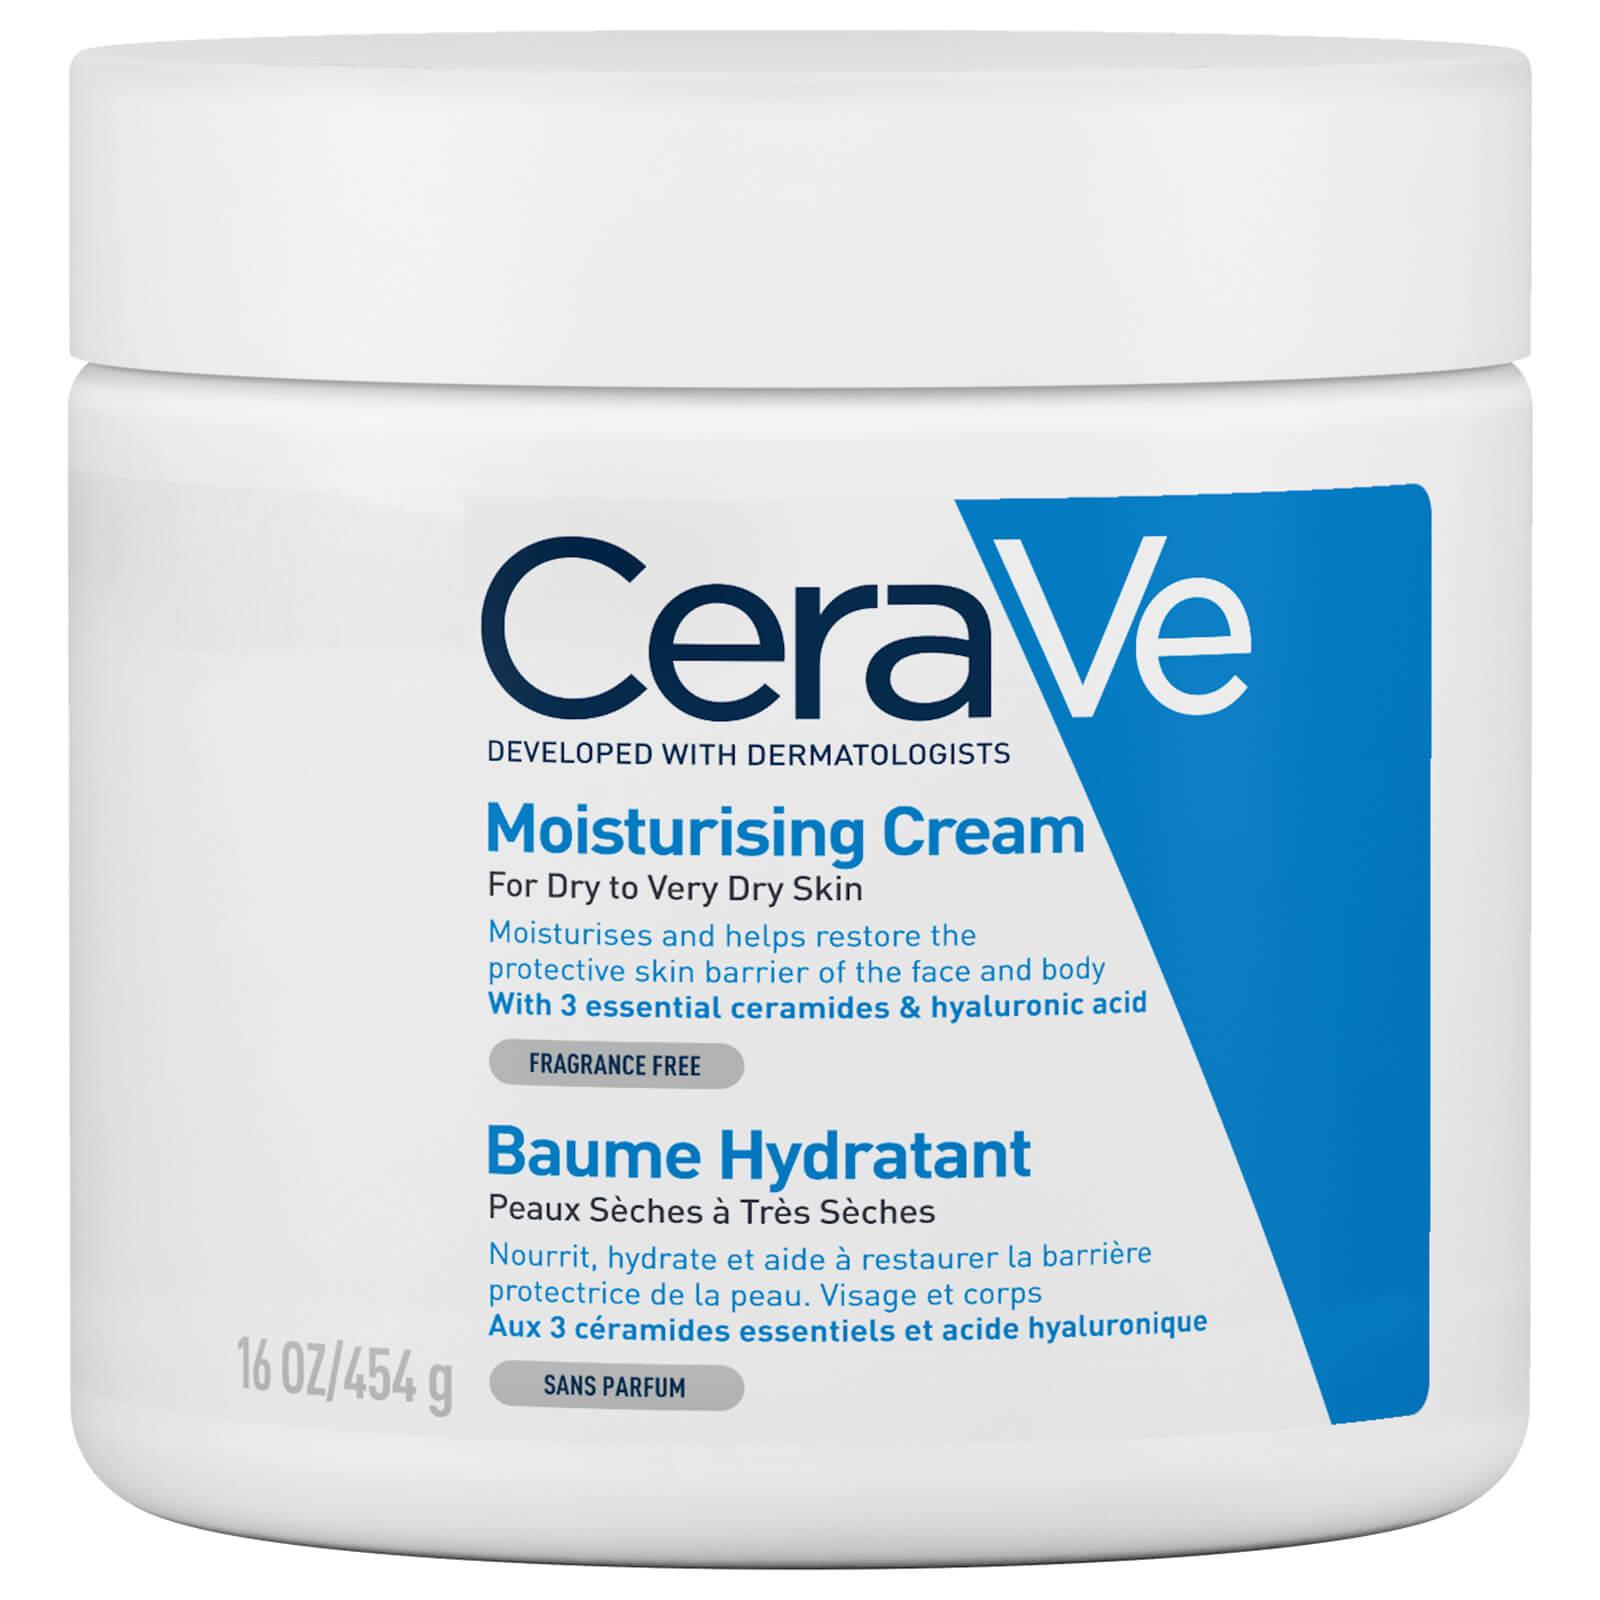 CeraVe - Kem dưỡng da ban ngày tốt nhất hiện nay